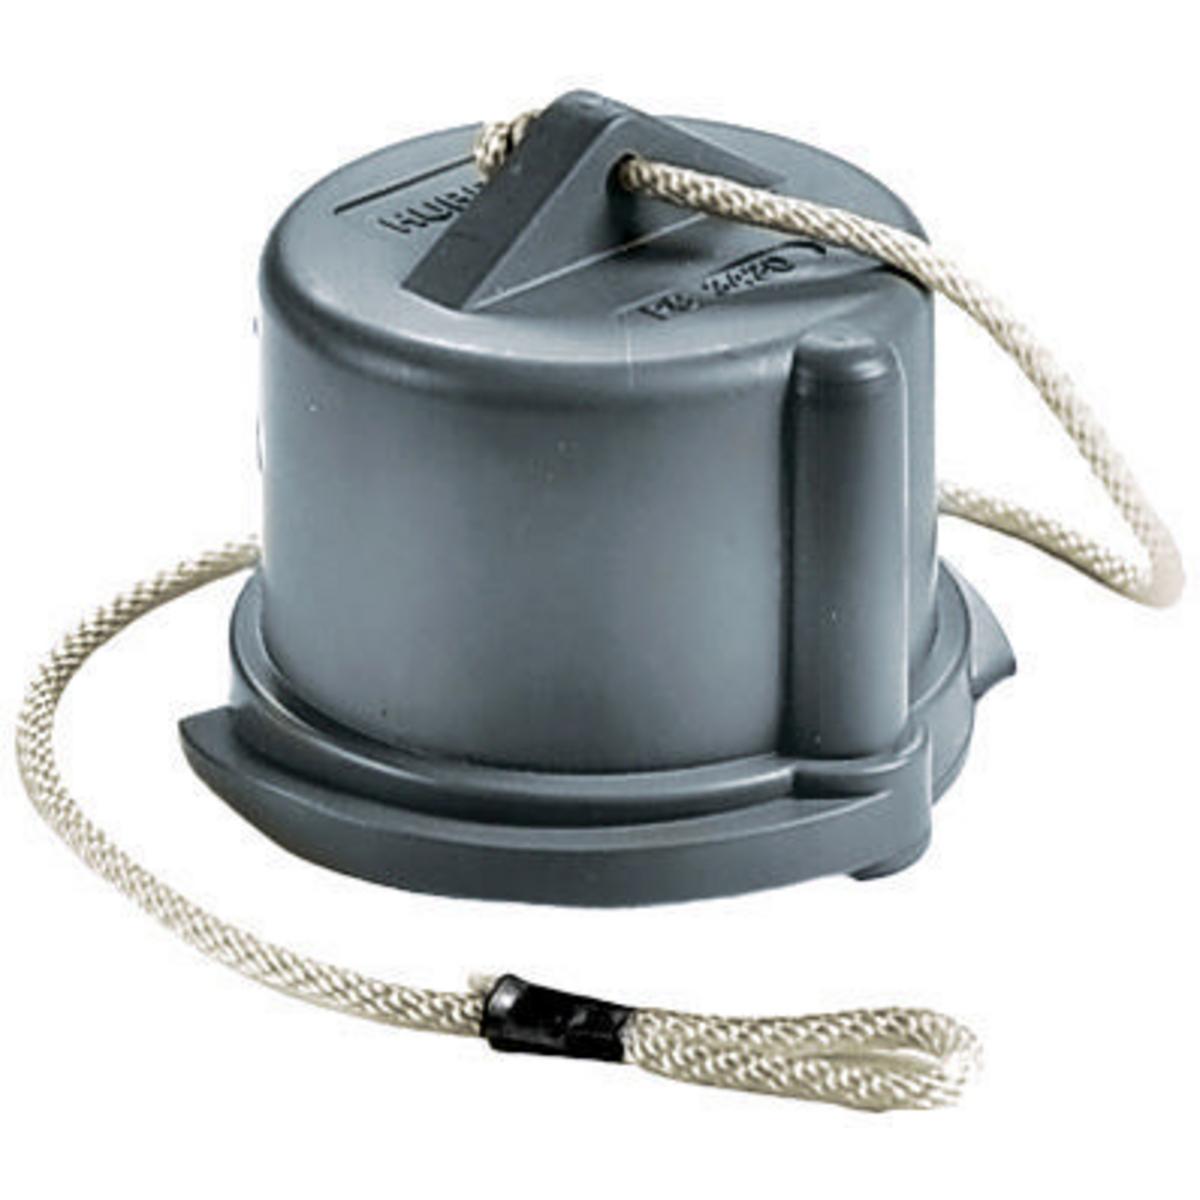 Hubbell PC320 PS, IEC, REPL, CLOSURE-CAP, 3W, 20A